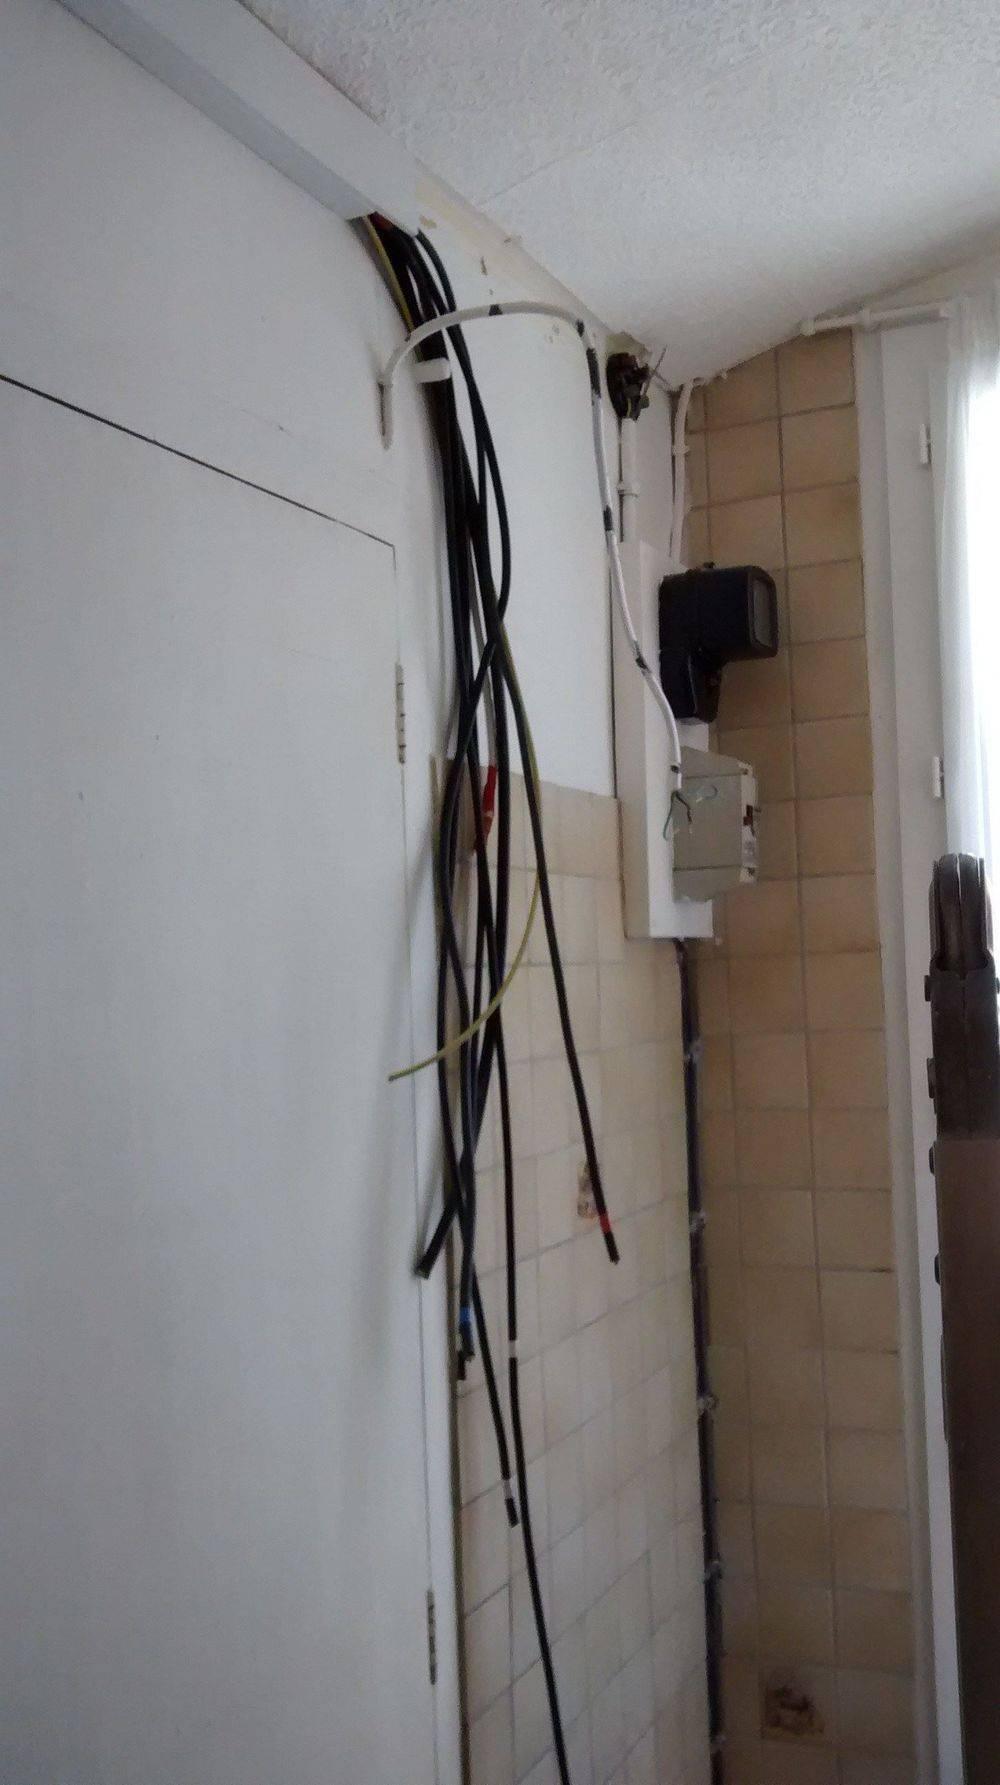 Point de regroupement des circuits pour tableau électrique.